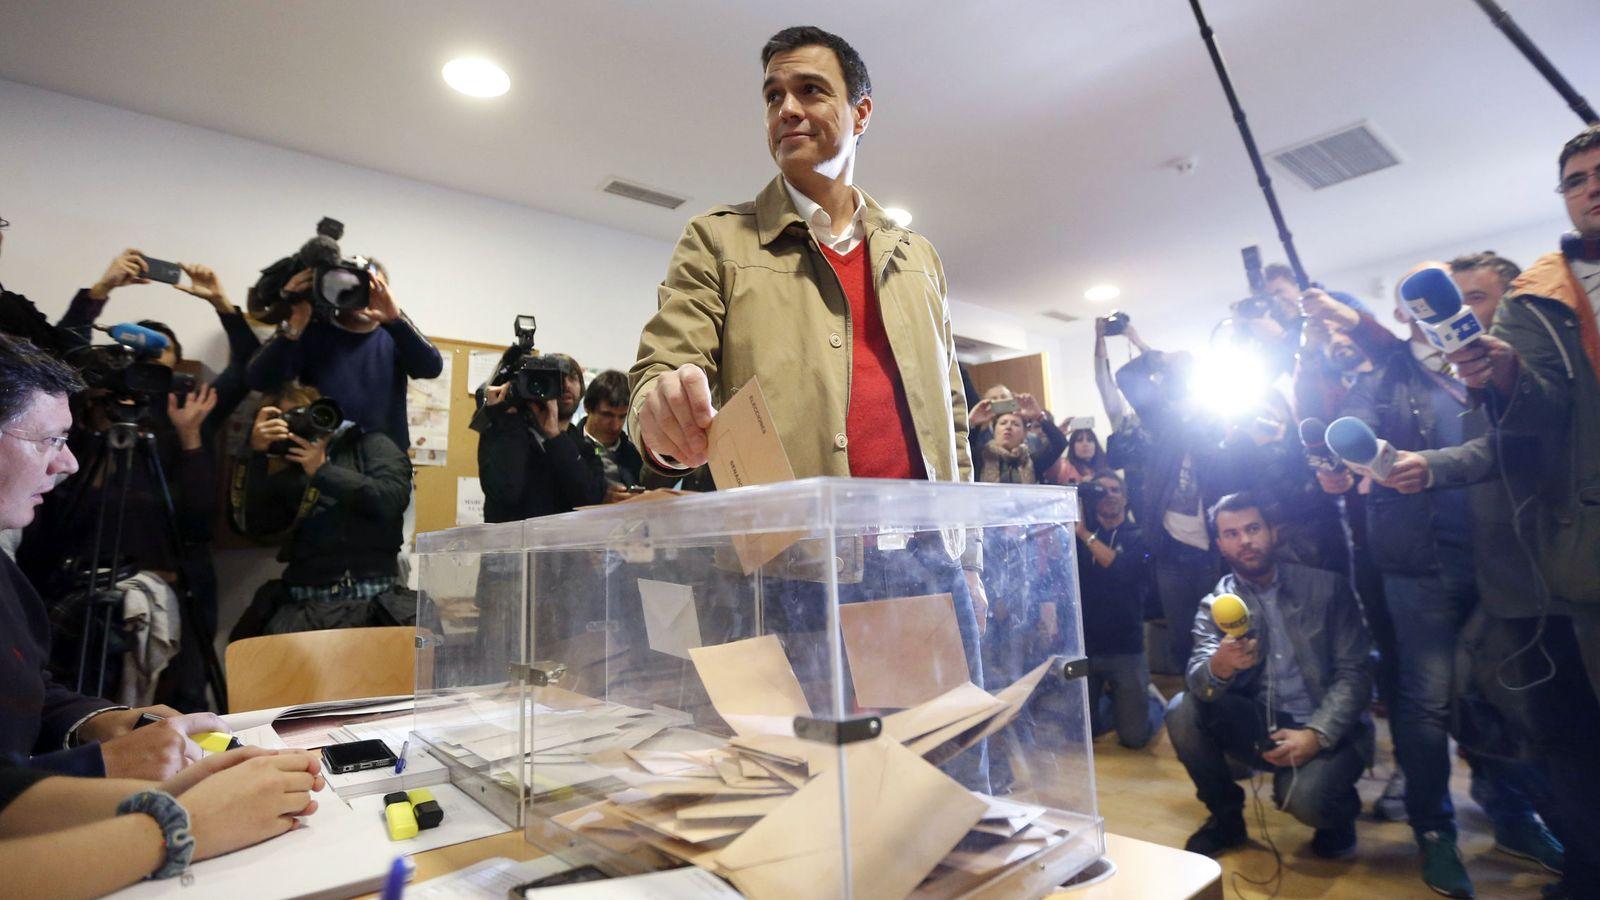 Foto: Pedro Sánchez vota en las elecciones generales del 20-D de 2015 en su colegio de Pozuelo de Alarcón, en Madrid. (EFE)